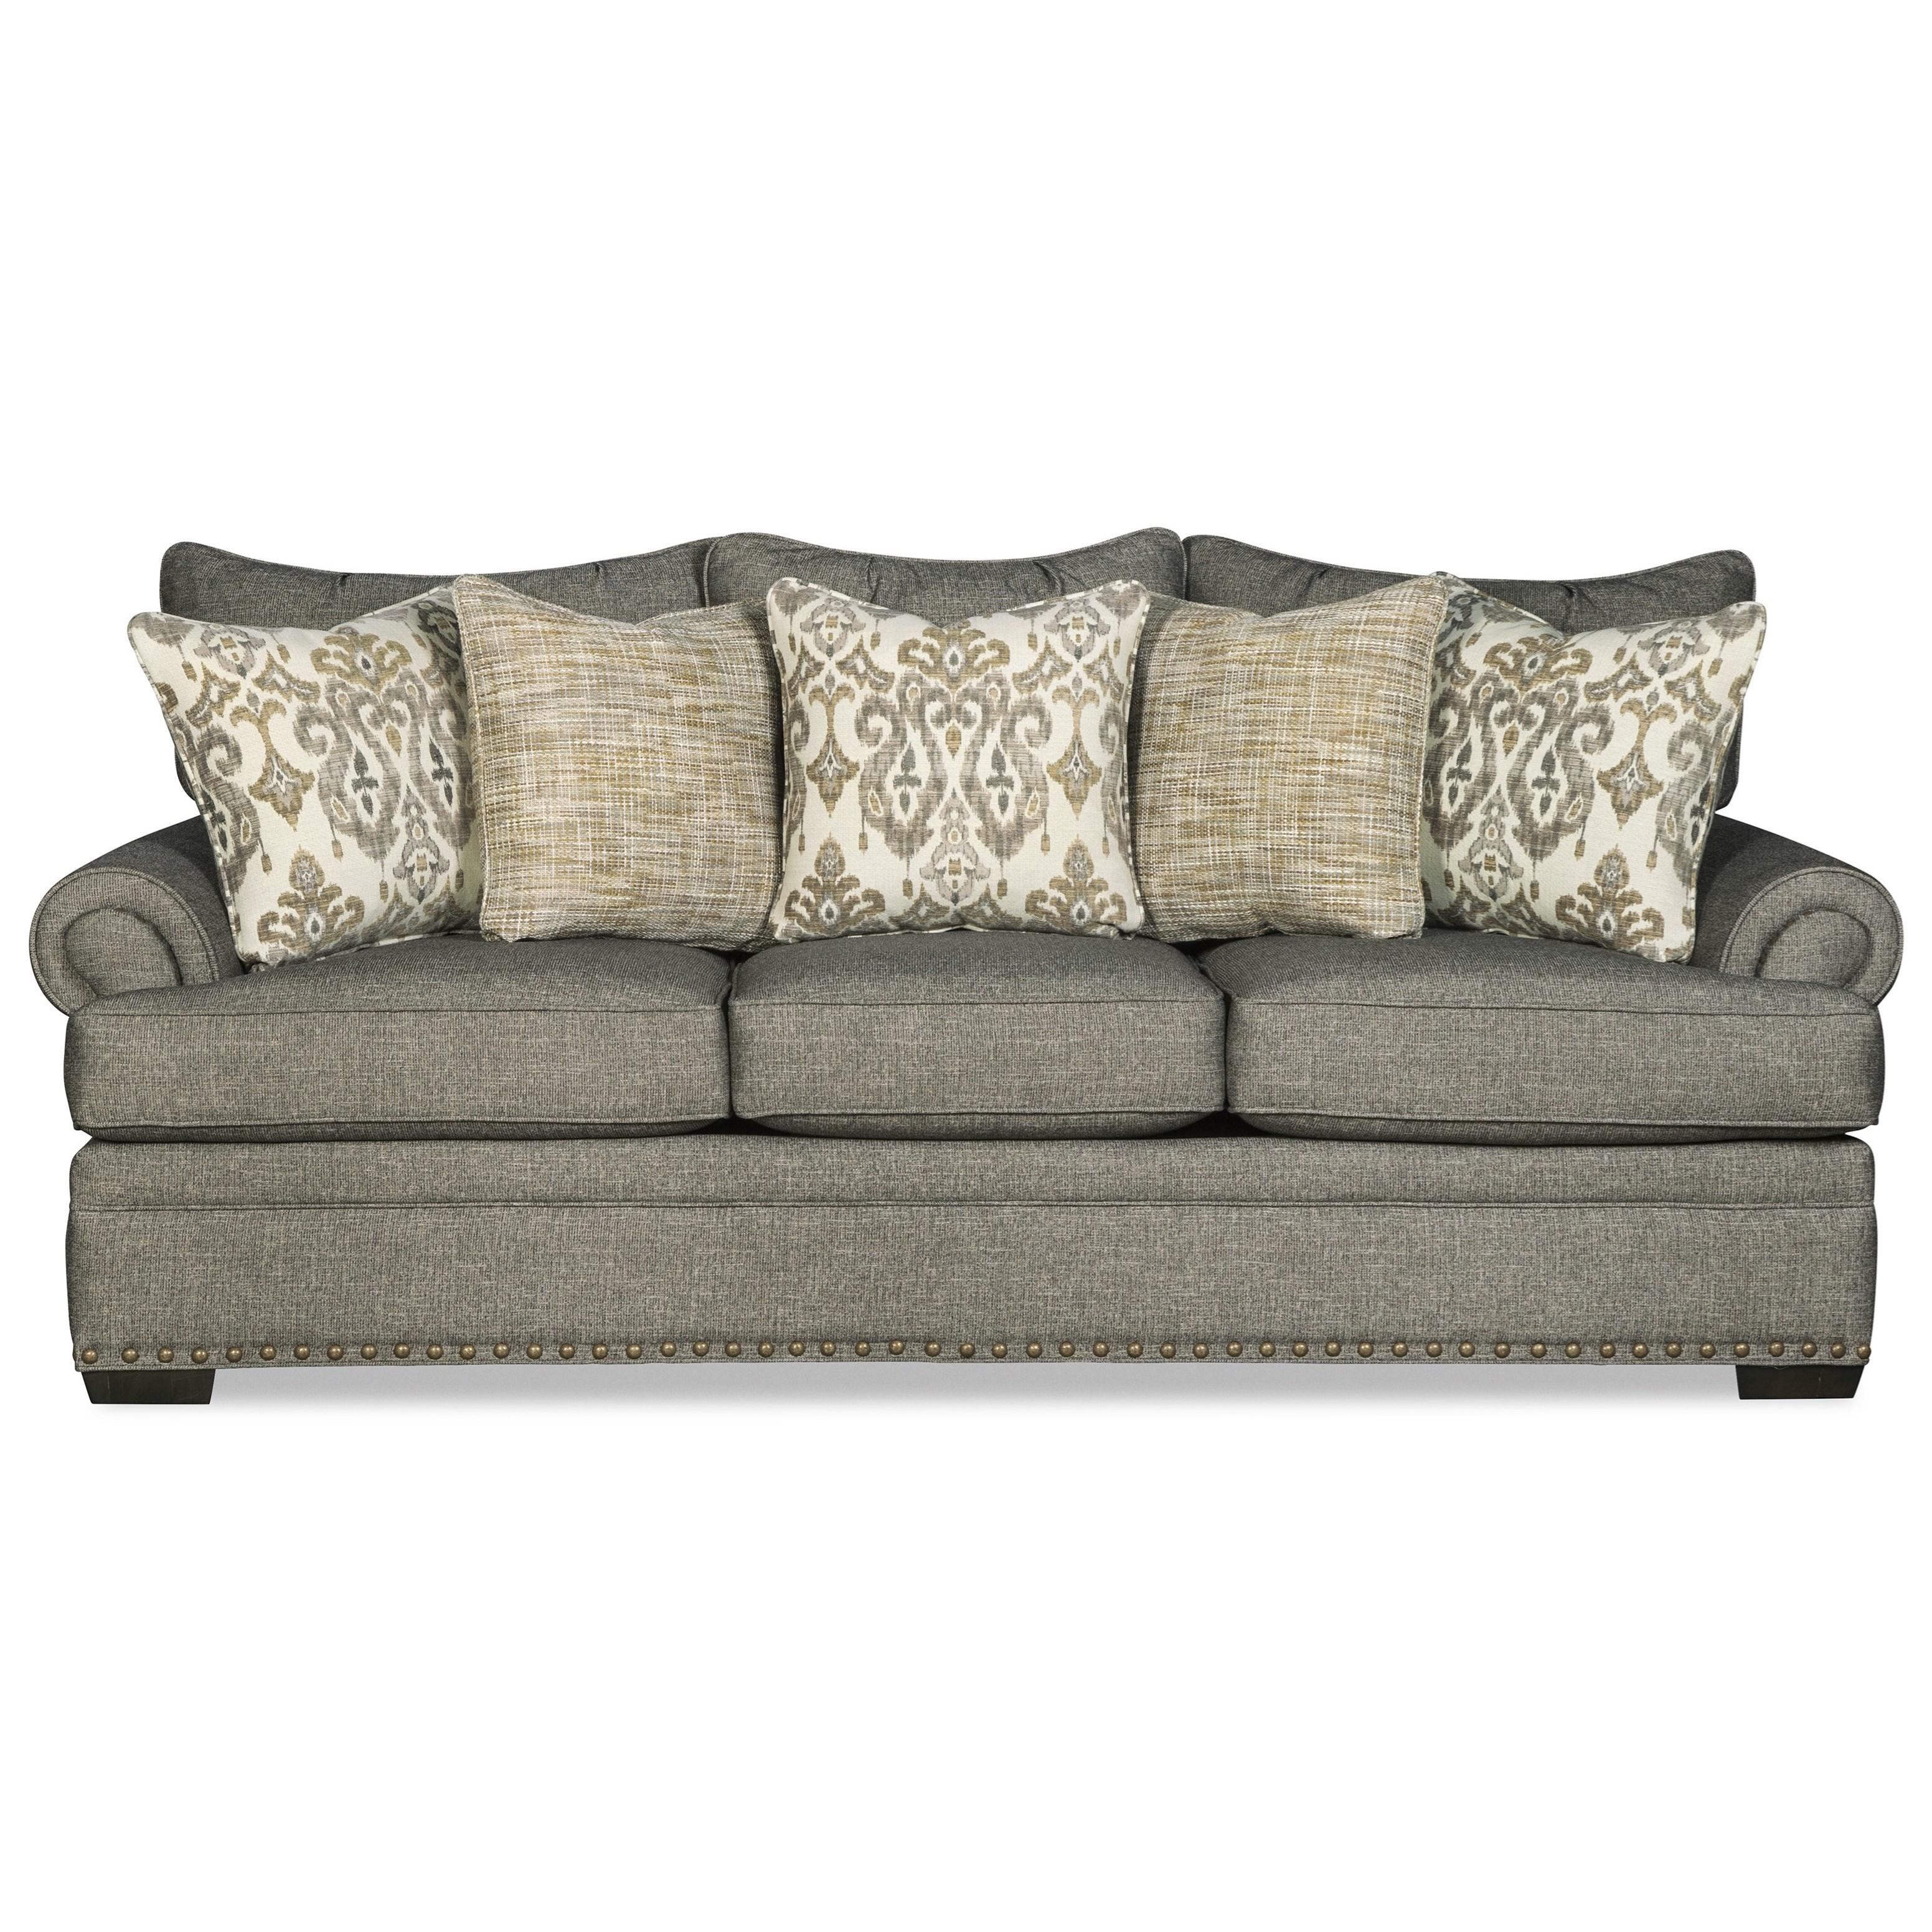 701650 Sofa by Craftmaster at Bullard Furniture